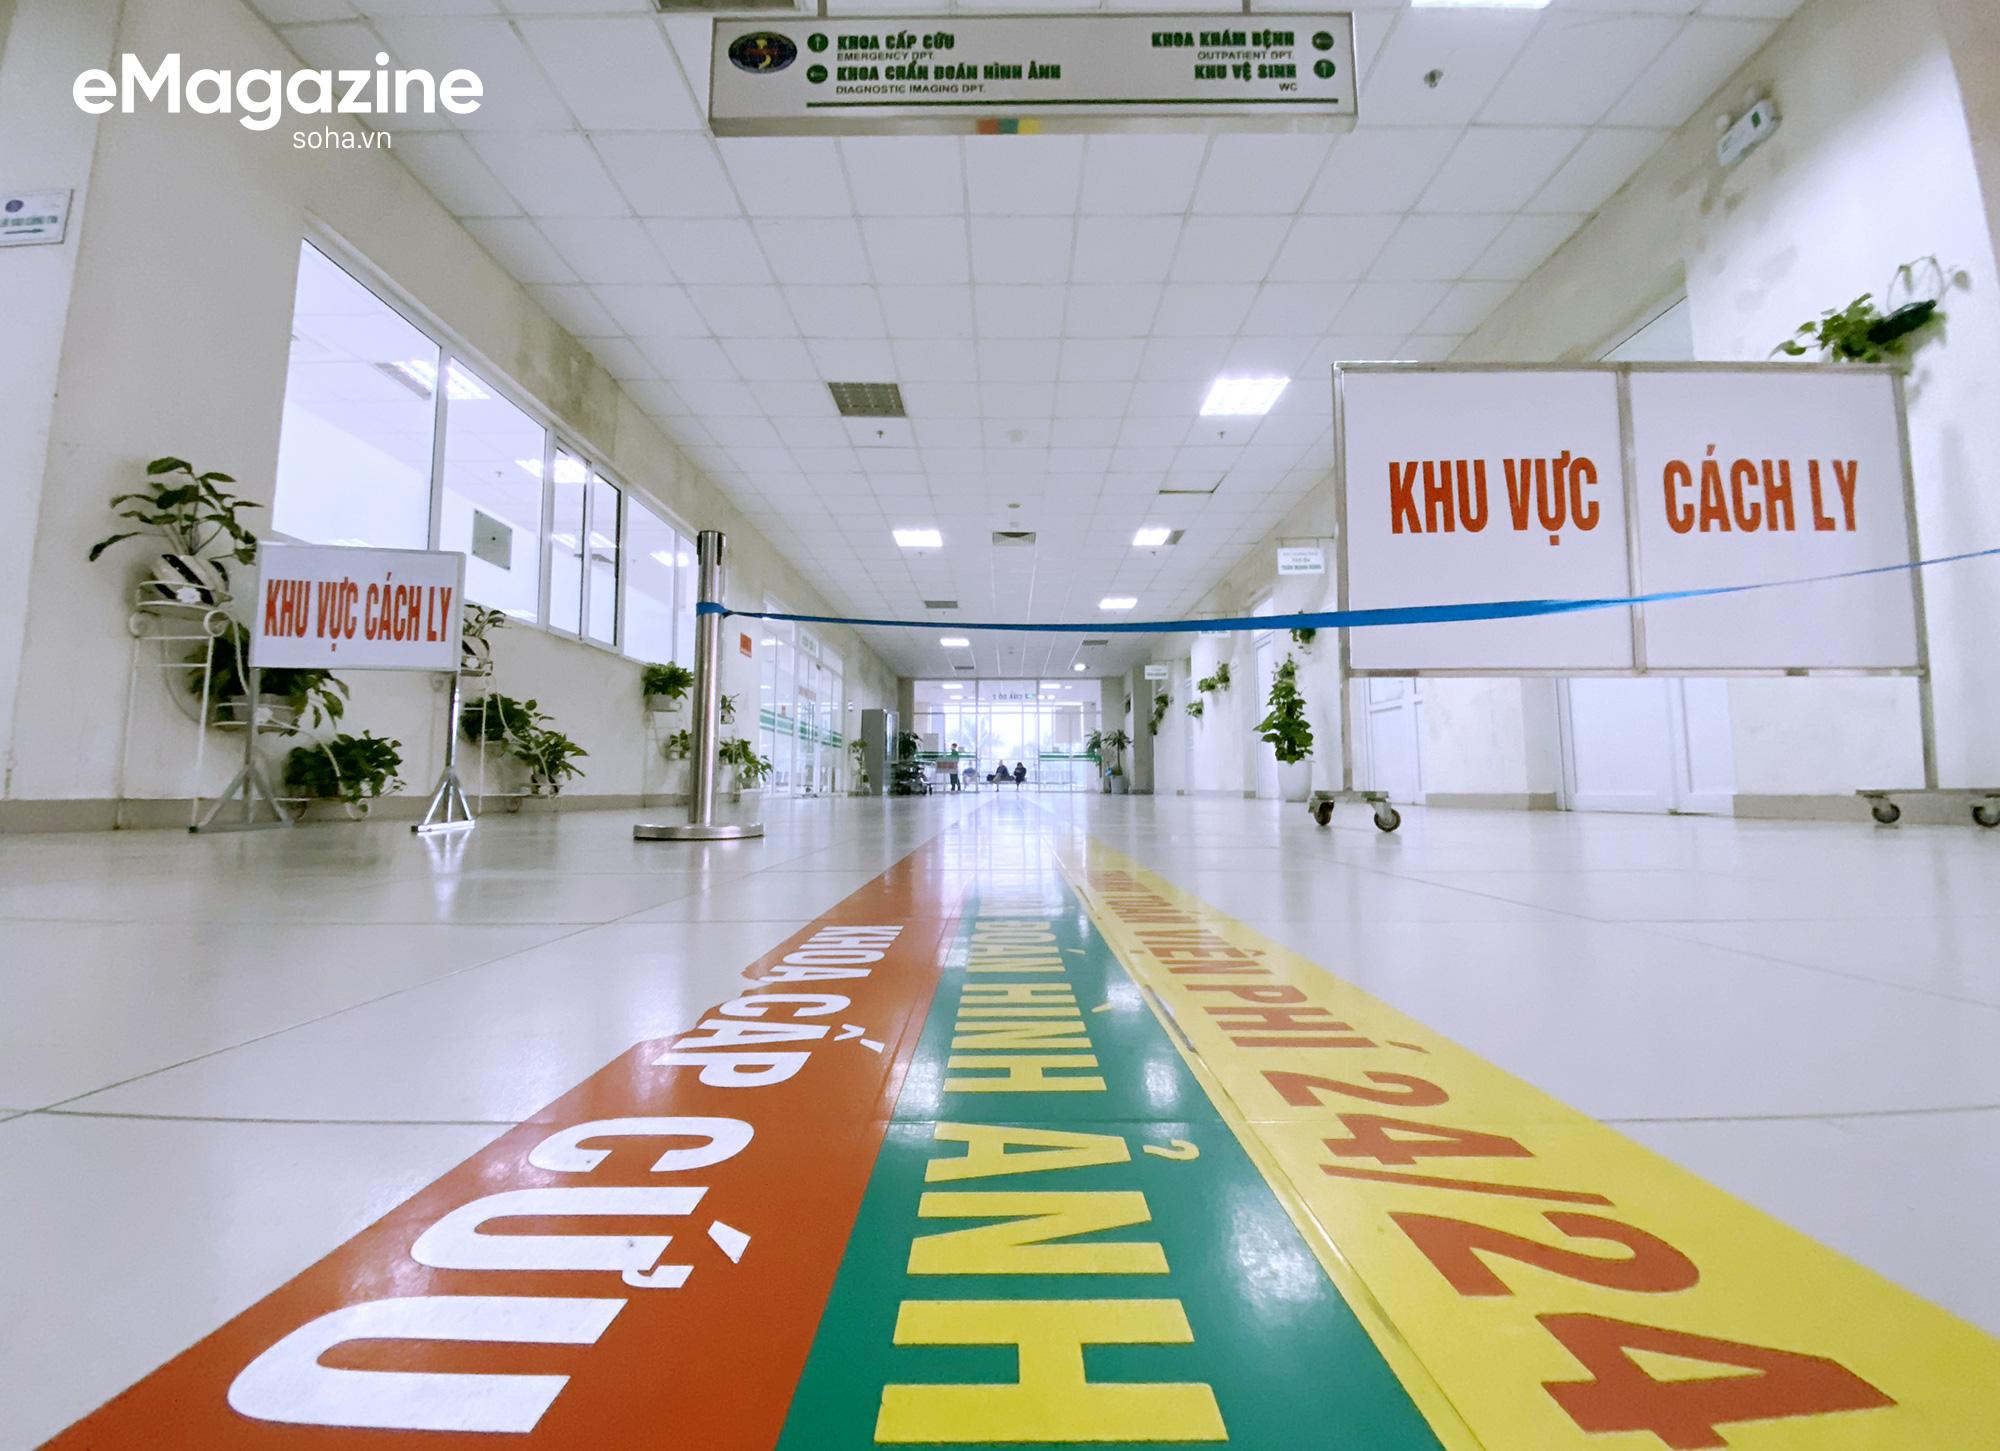 Cuộc chiến chống Corona: Bên trong nơi 'đặc biệt nhất Hà Nội' và nơi 'đặc biệt nhất Thanh Hóa' 1